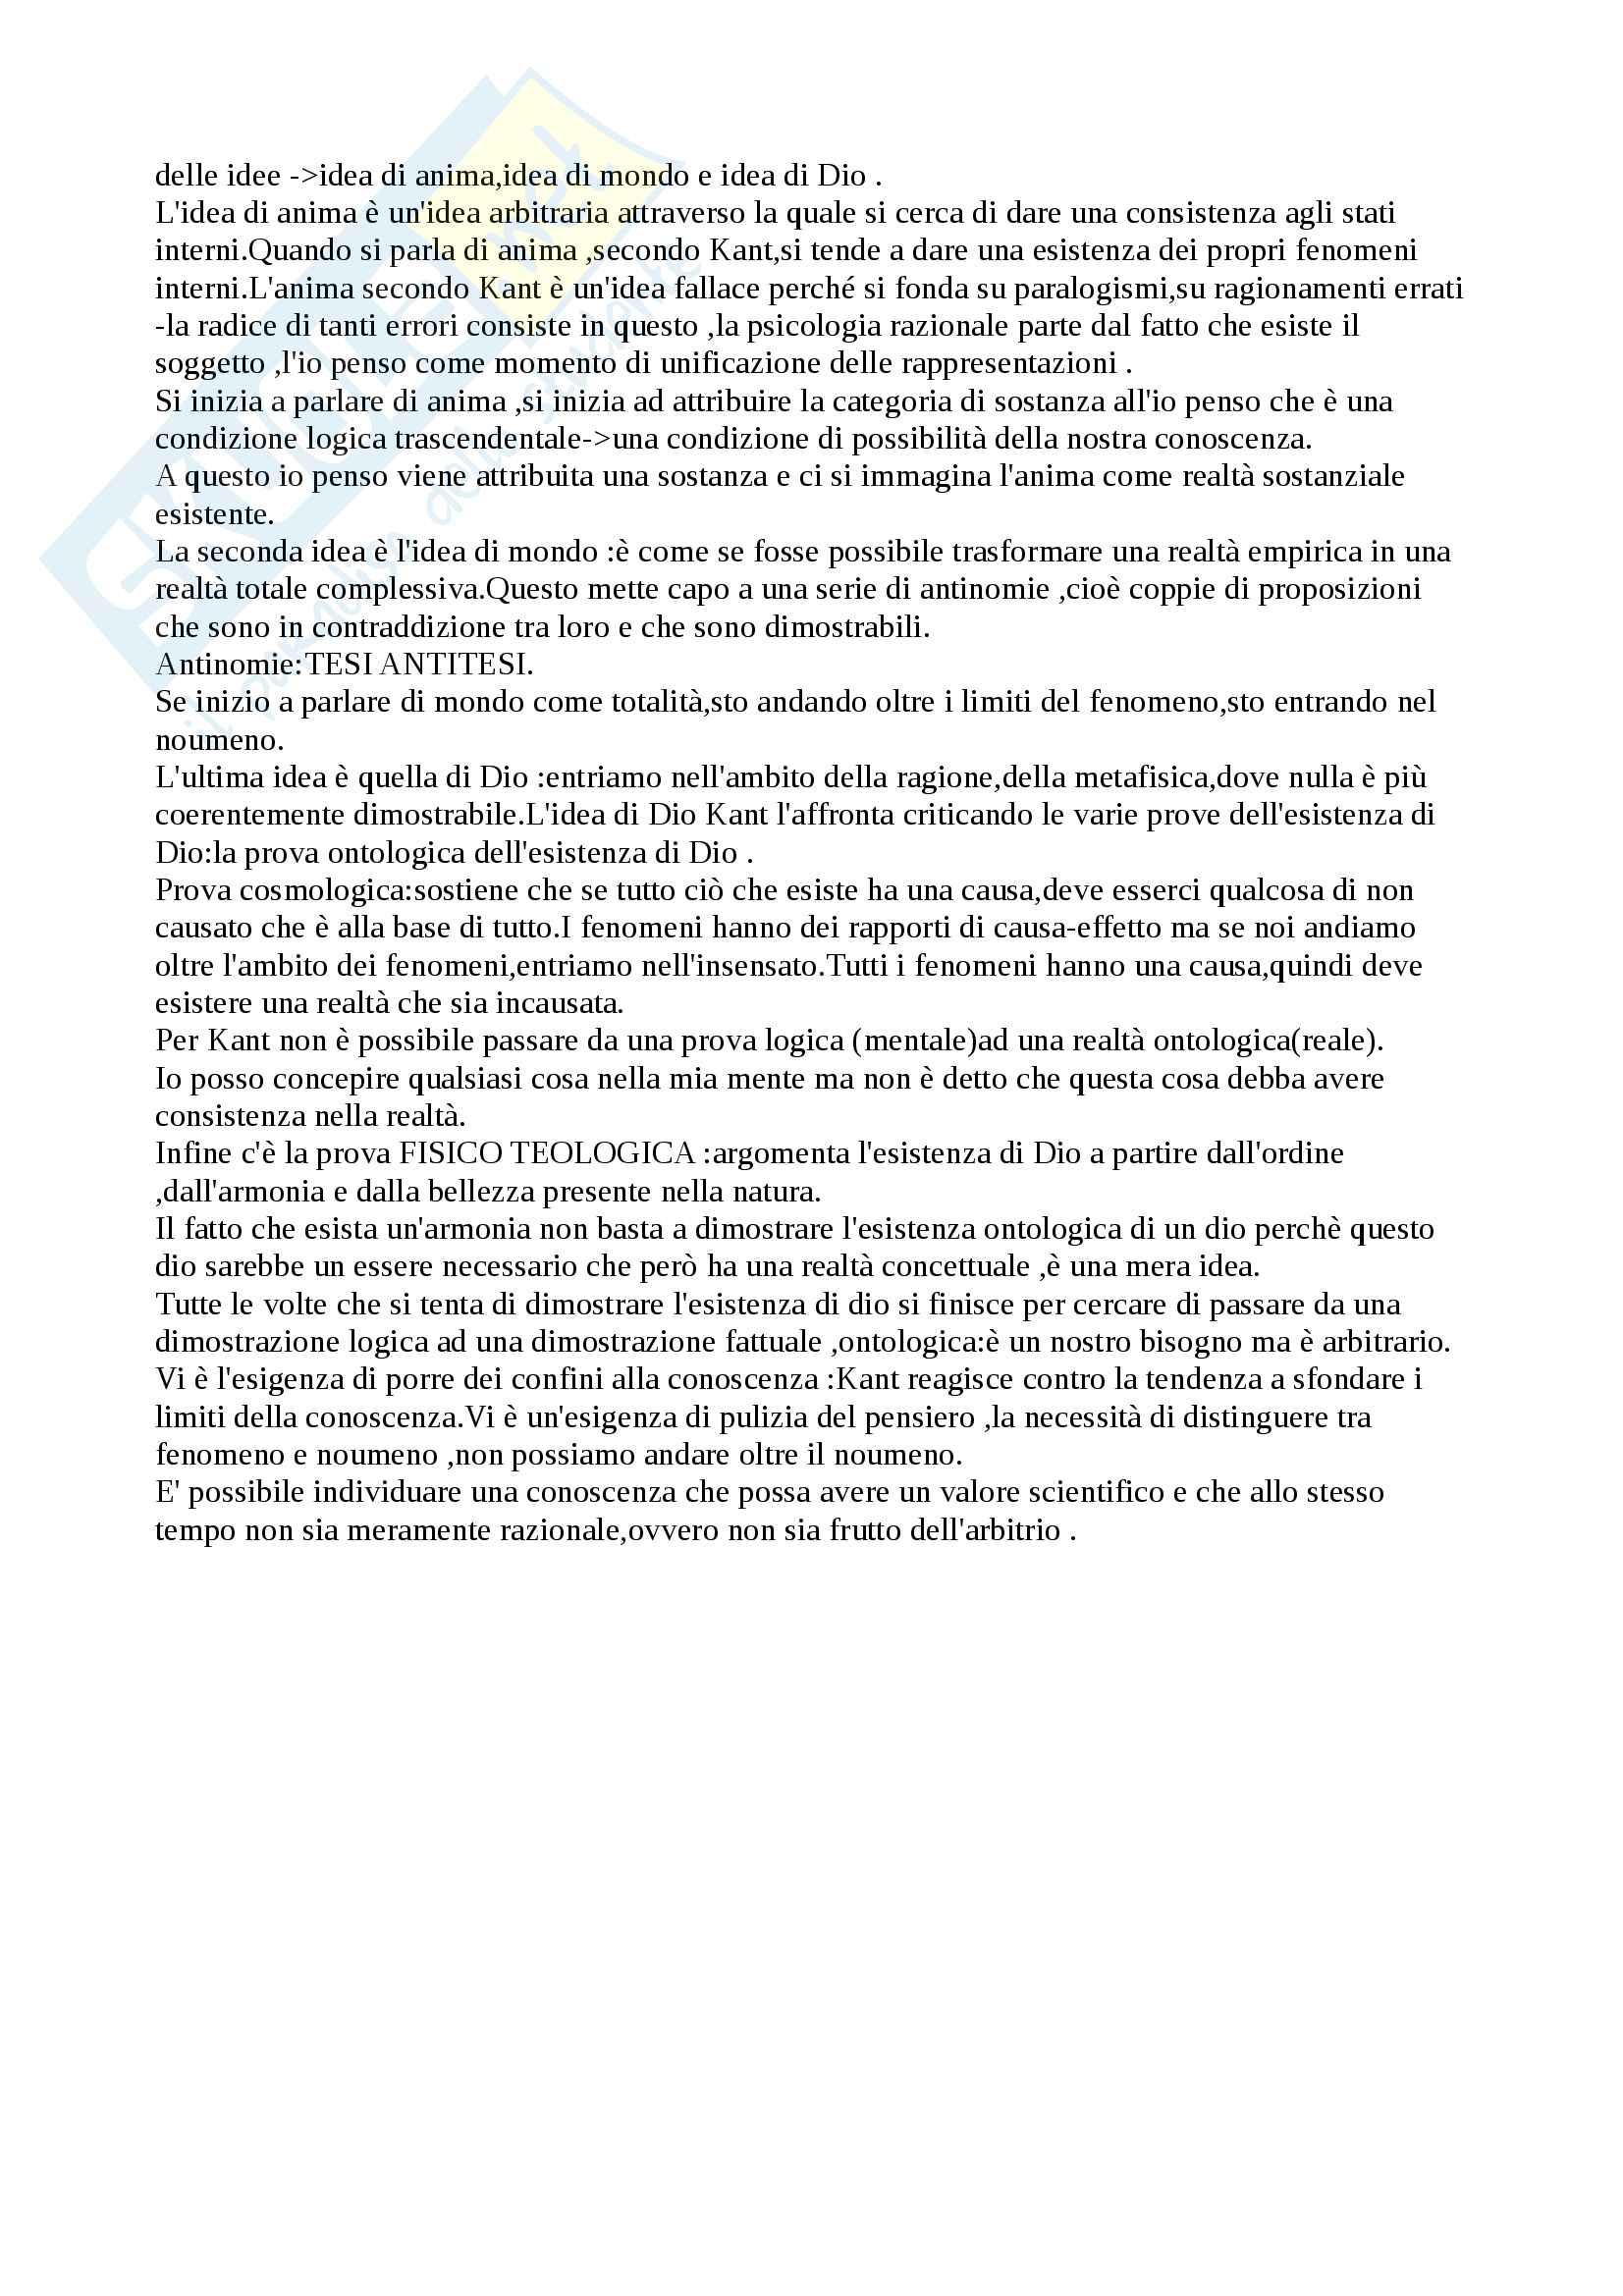 Storia Della Filoofia (Kant) Pag. 6